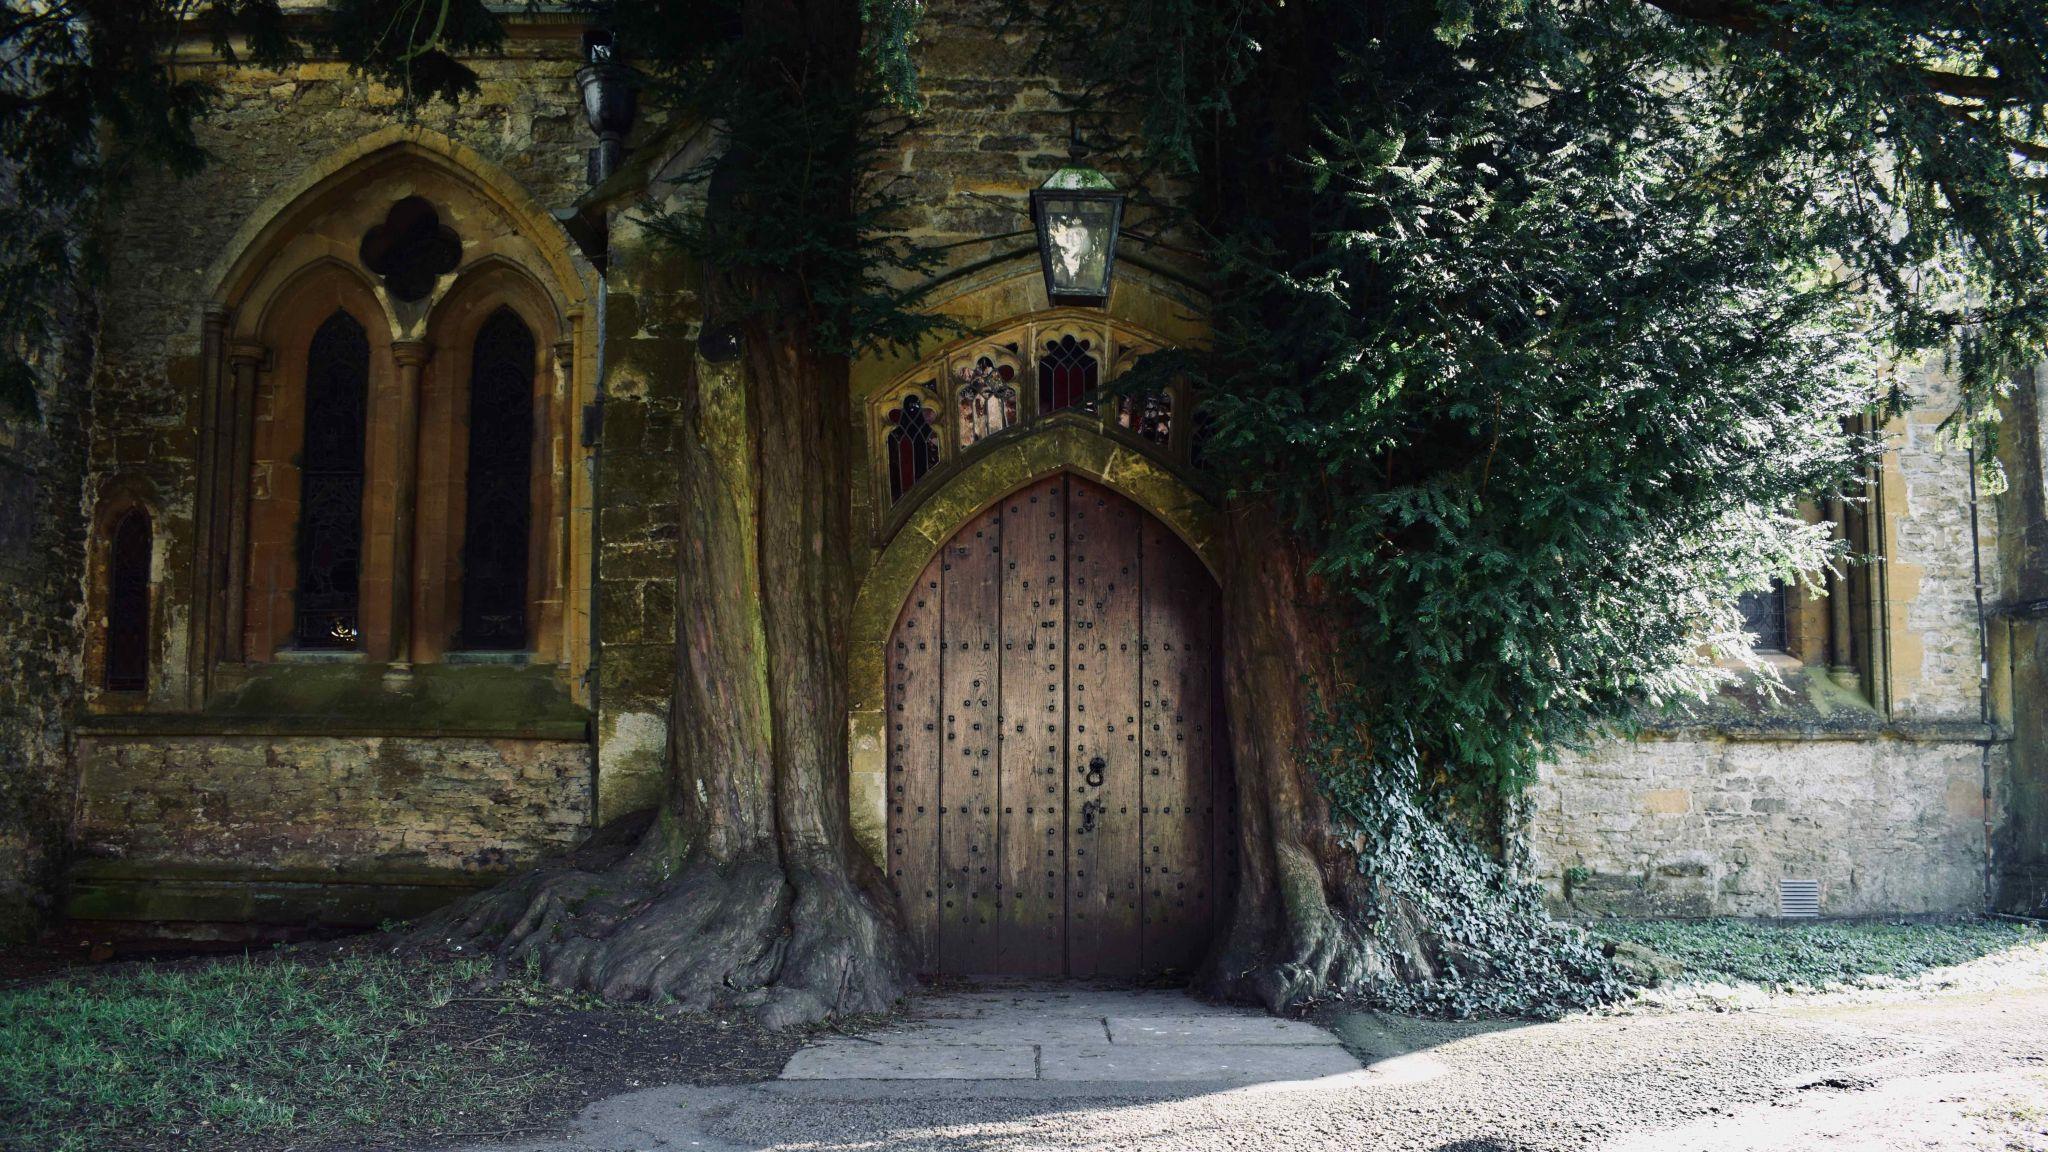 St Edward's Church, United Kingdom